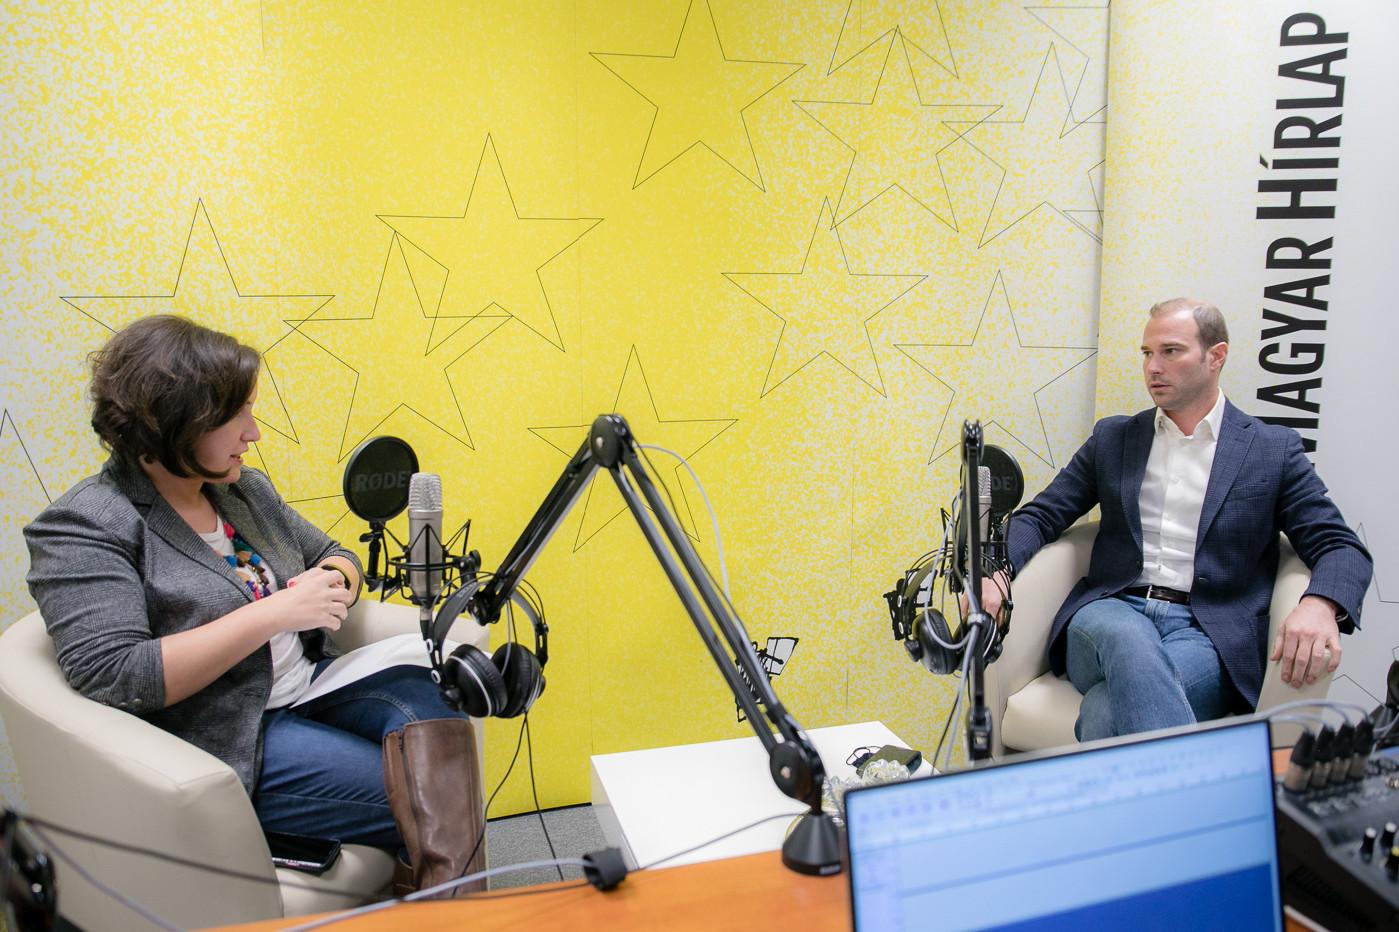 Lapunk főmunkatársa, Őry Mariann és Hollik István, a Fidesz kommunikációs igazgatója a Magyar Hírlap Faktum című podcastjának felvételén